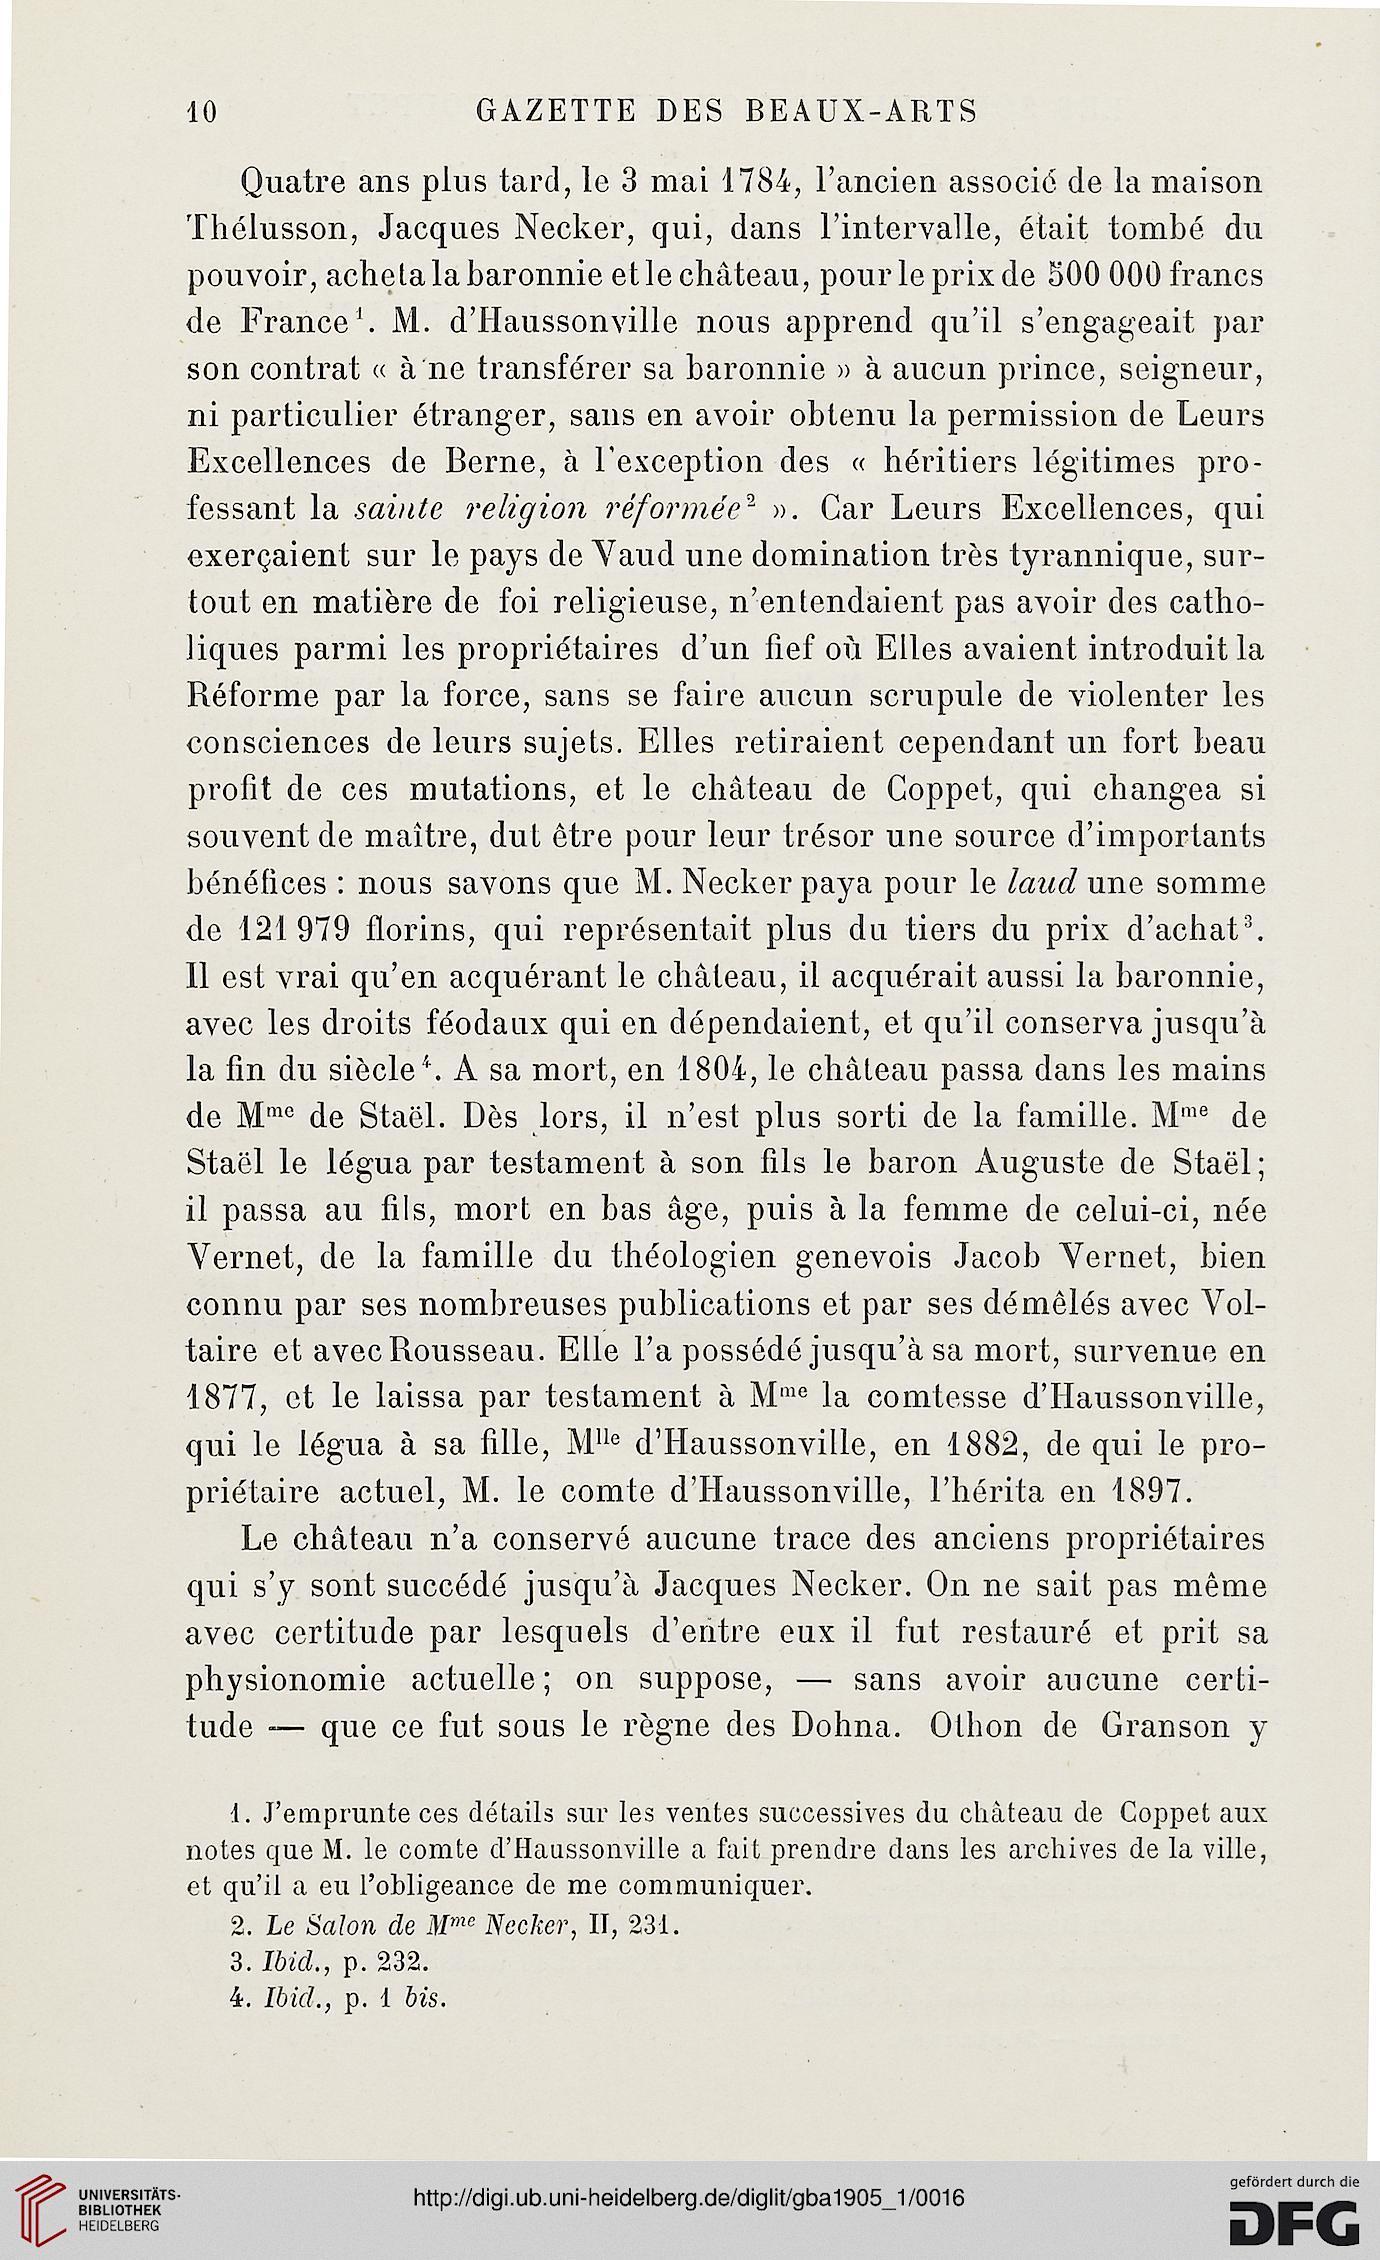 Gazette des beaux-arts: la doyenne des revues d\'art (3. Pér. 33.1905)